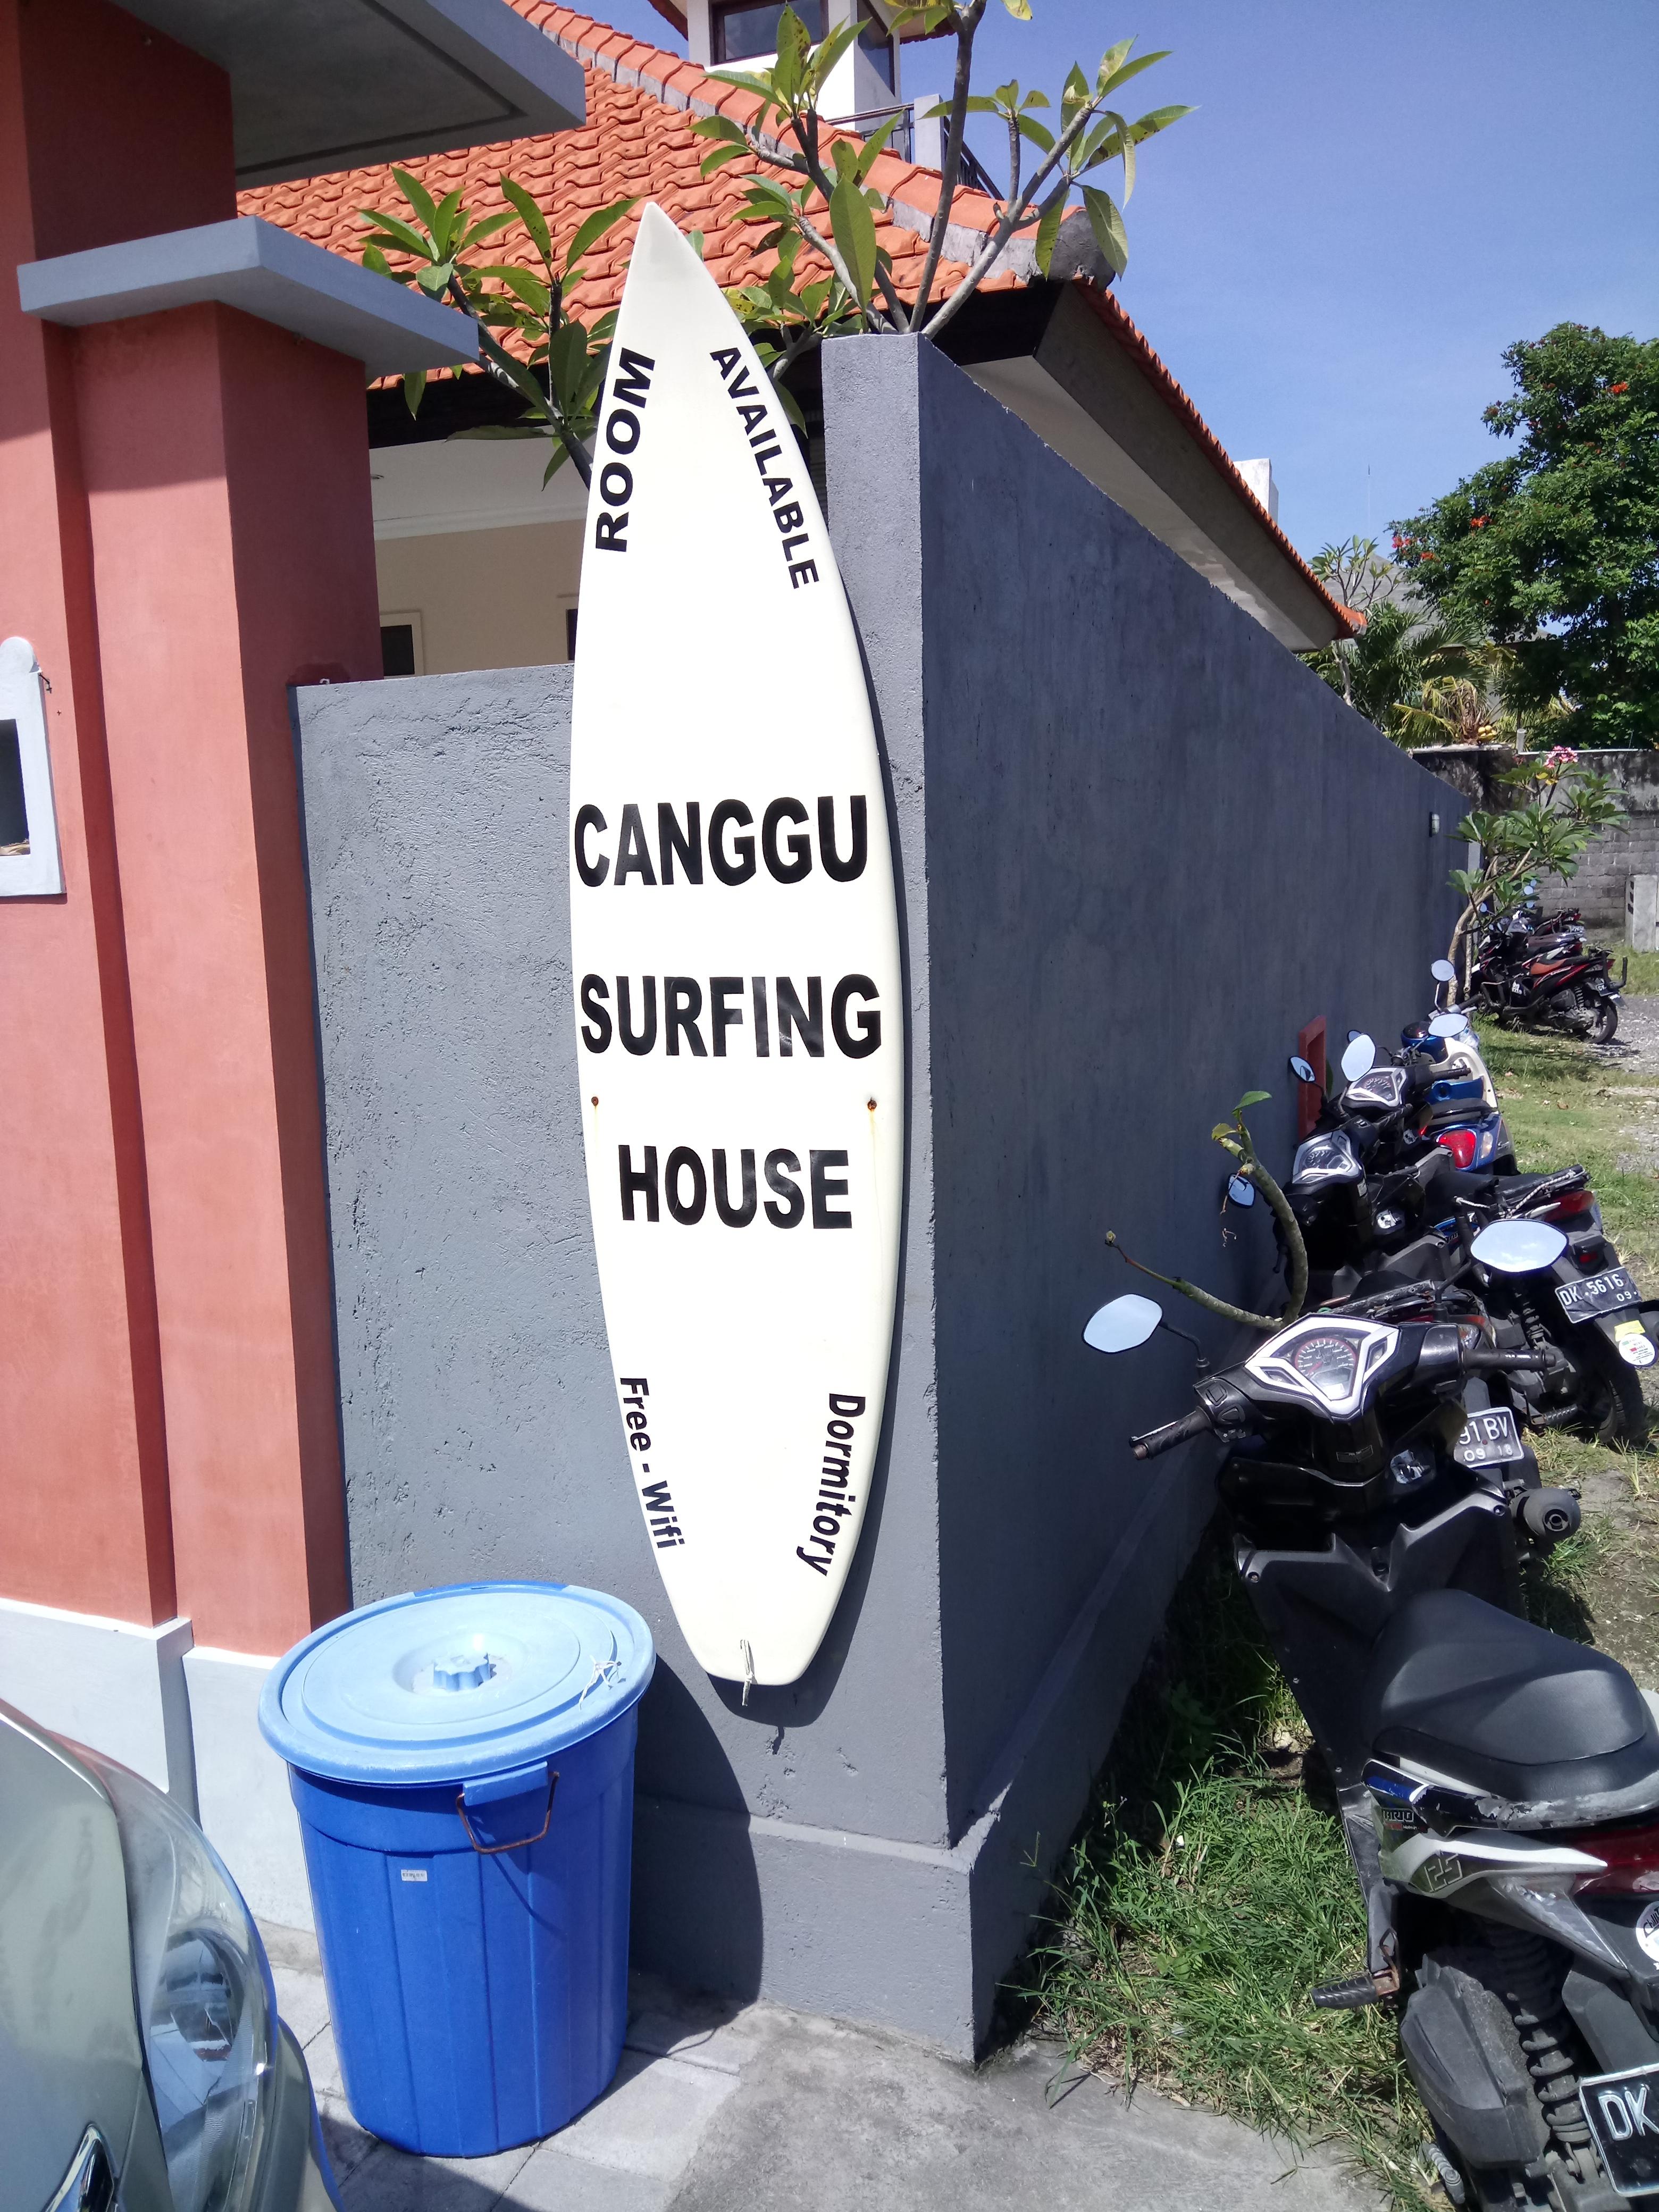 Canggu Surfing House